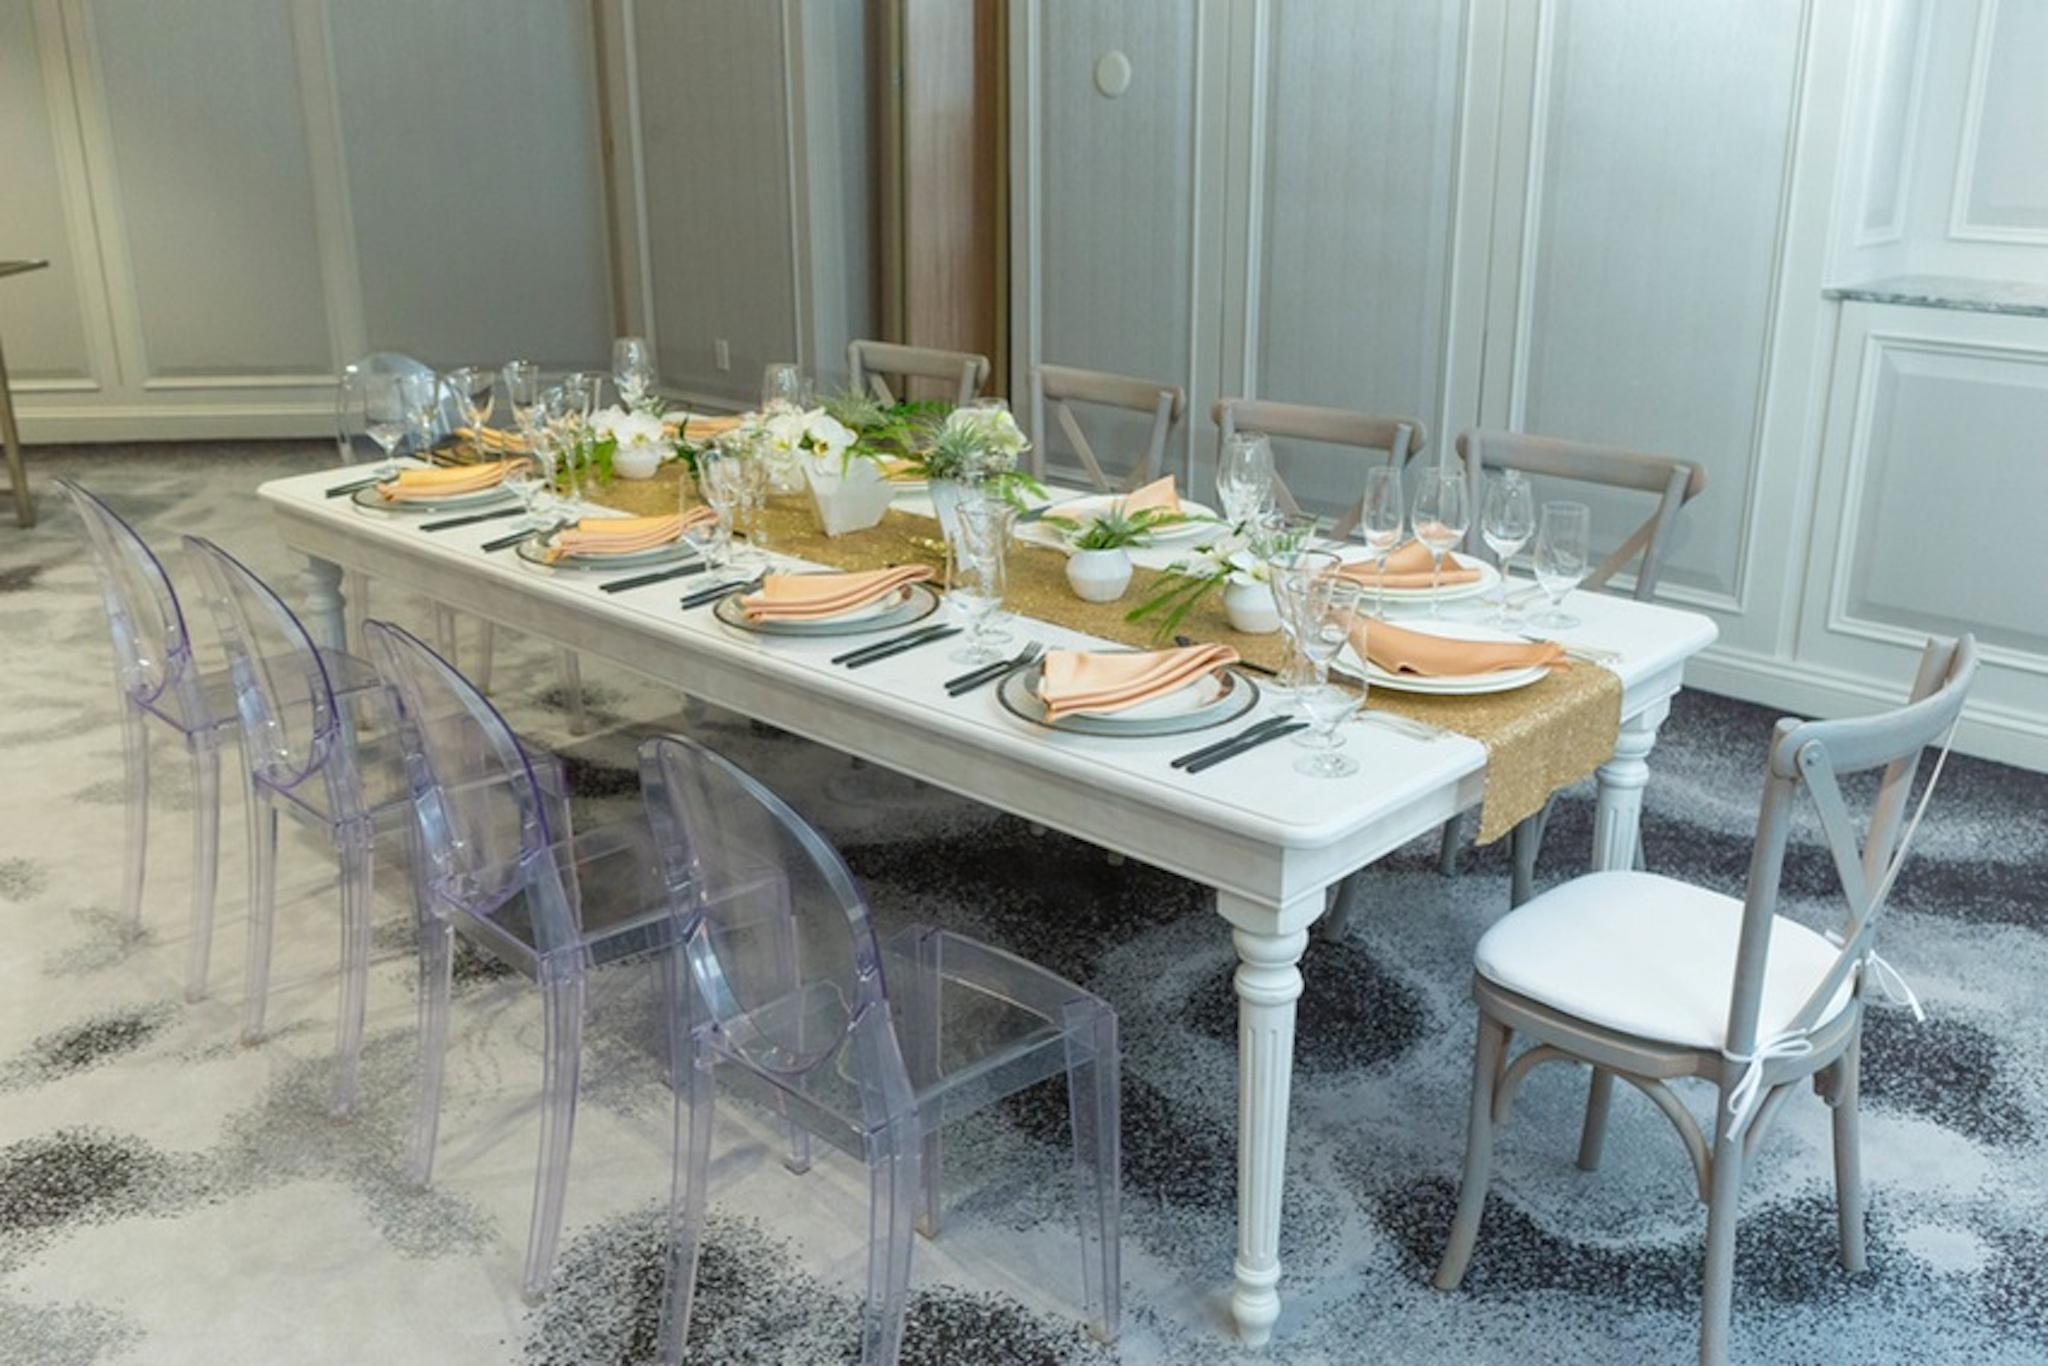 Luxury dinner party ideas